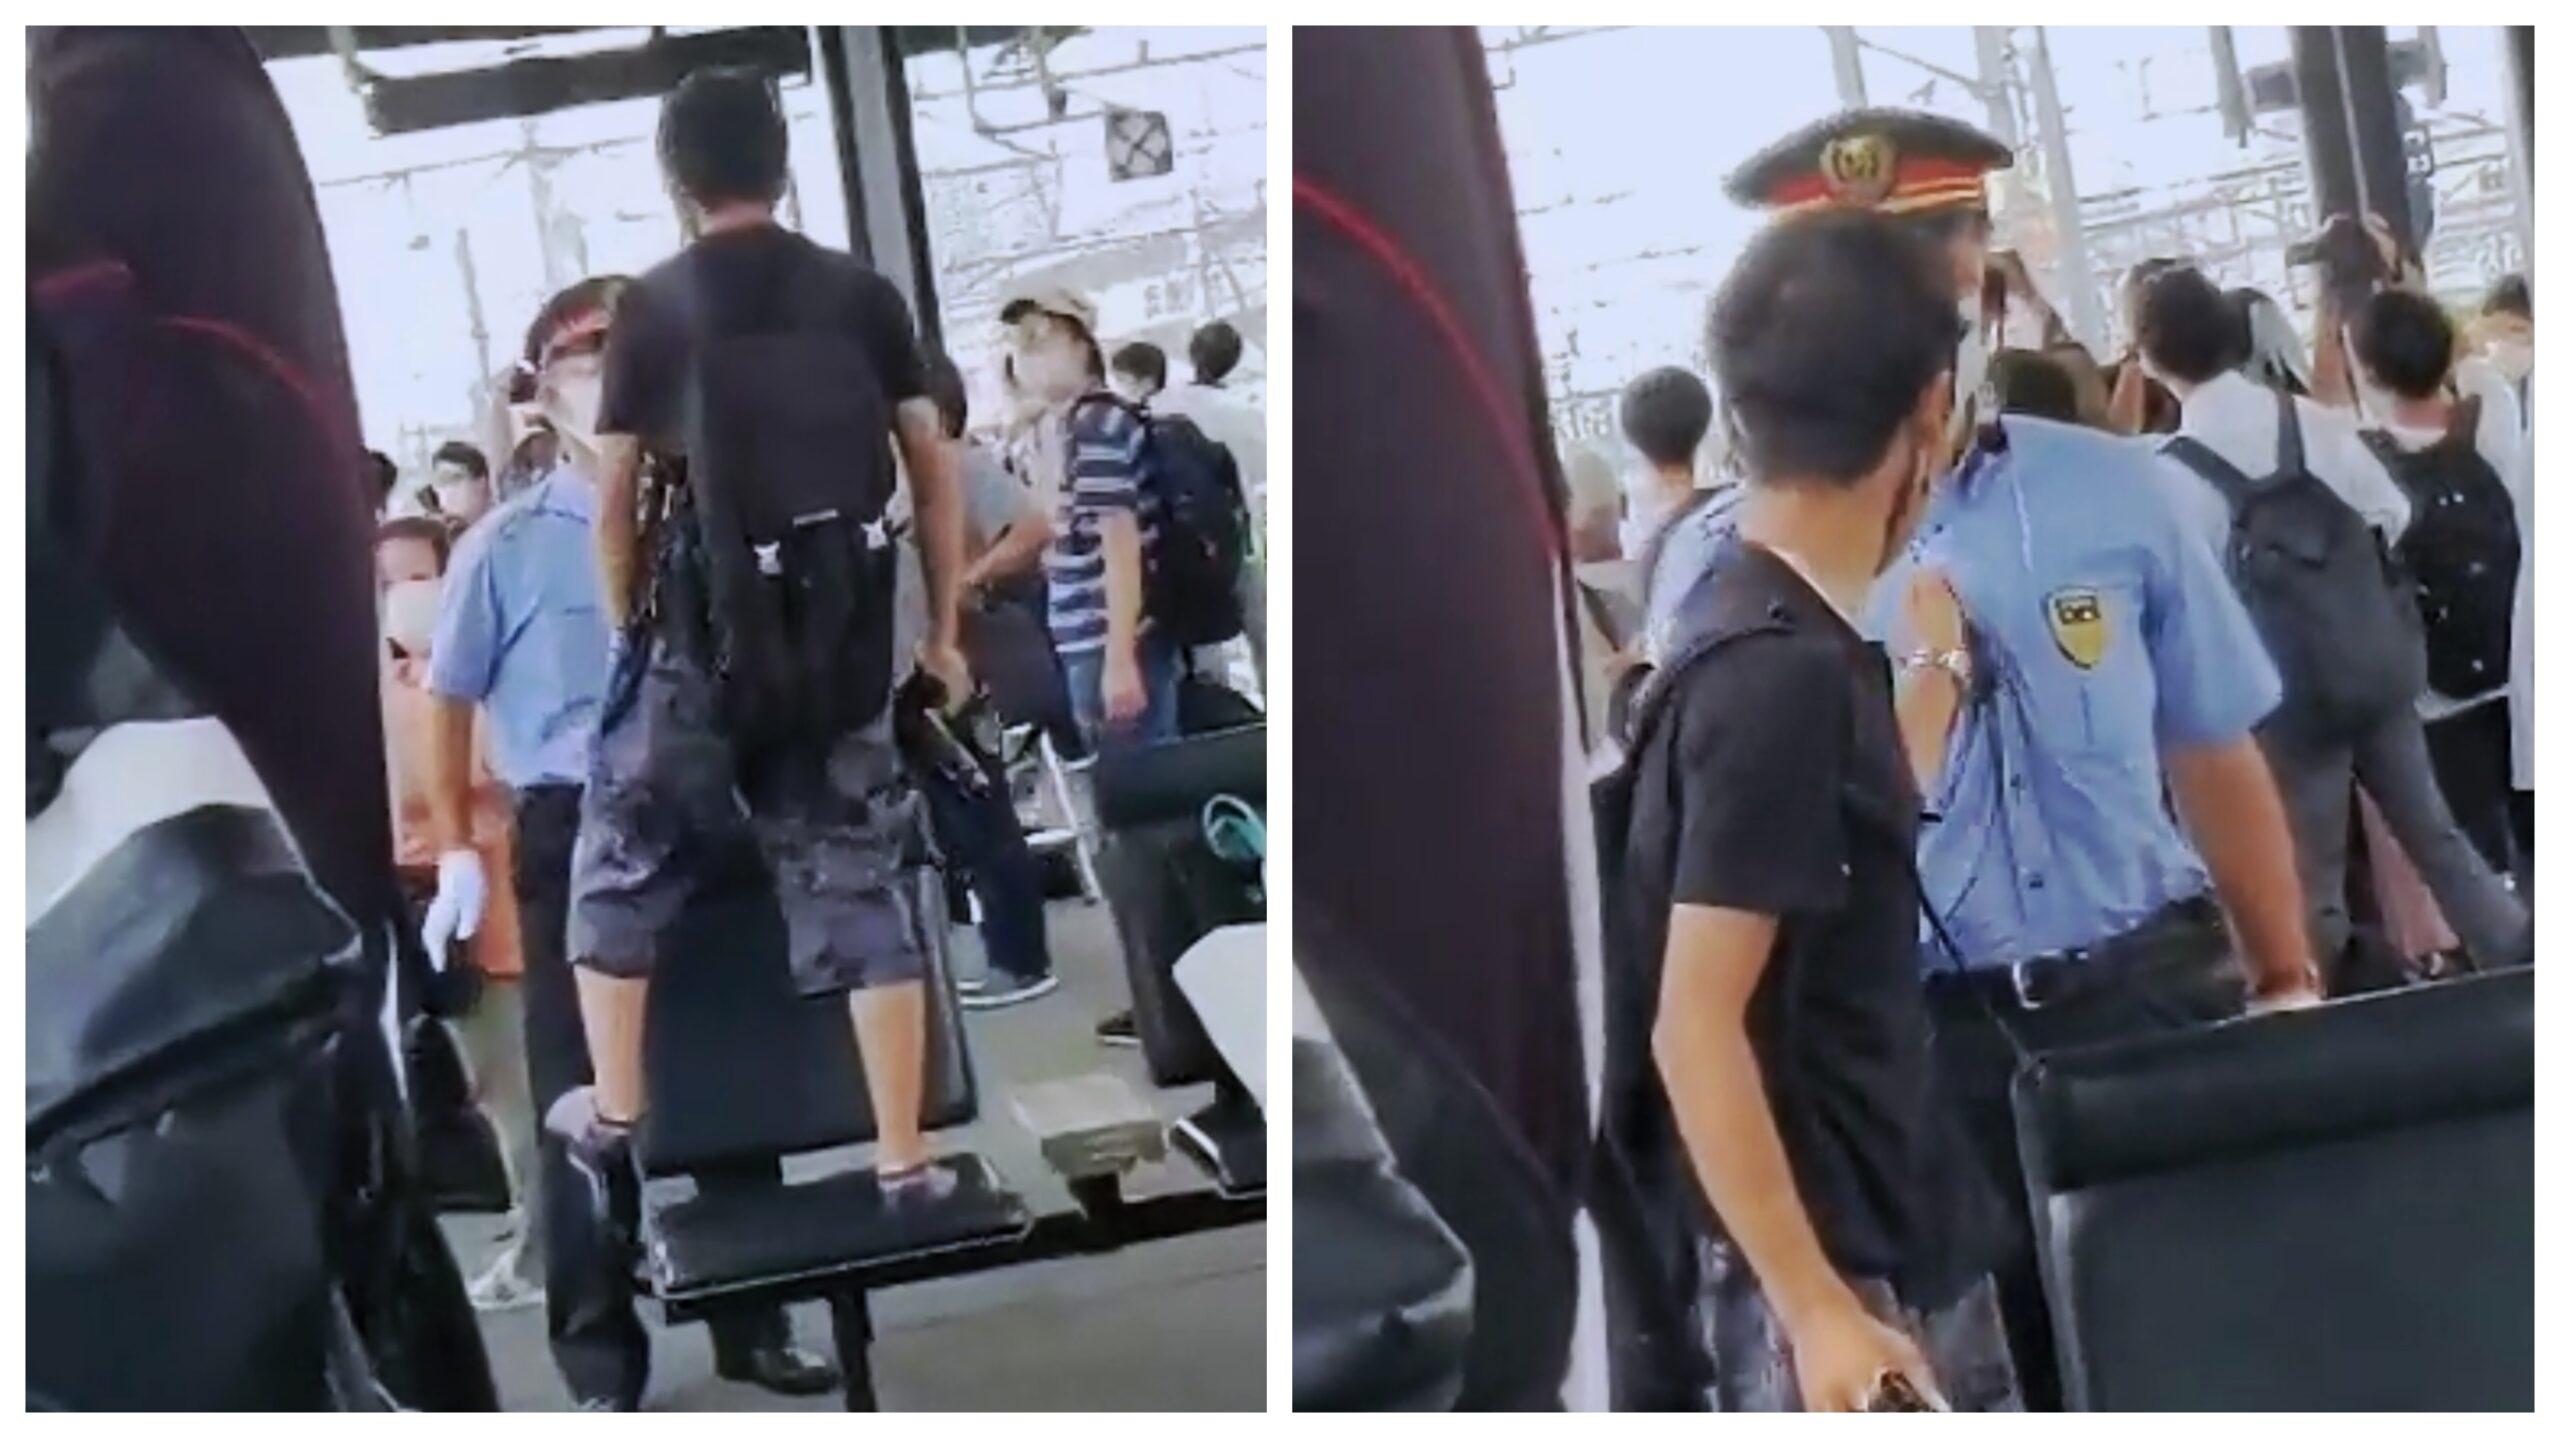 鉄道ファンがベンチの上で撮影 注意した駅員にブチ切れ奇声を上げ暴行 「調子乗るなよおい!」と逃亡